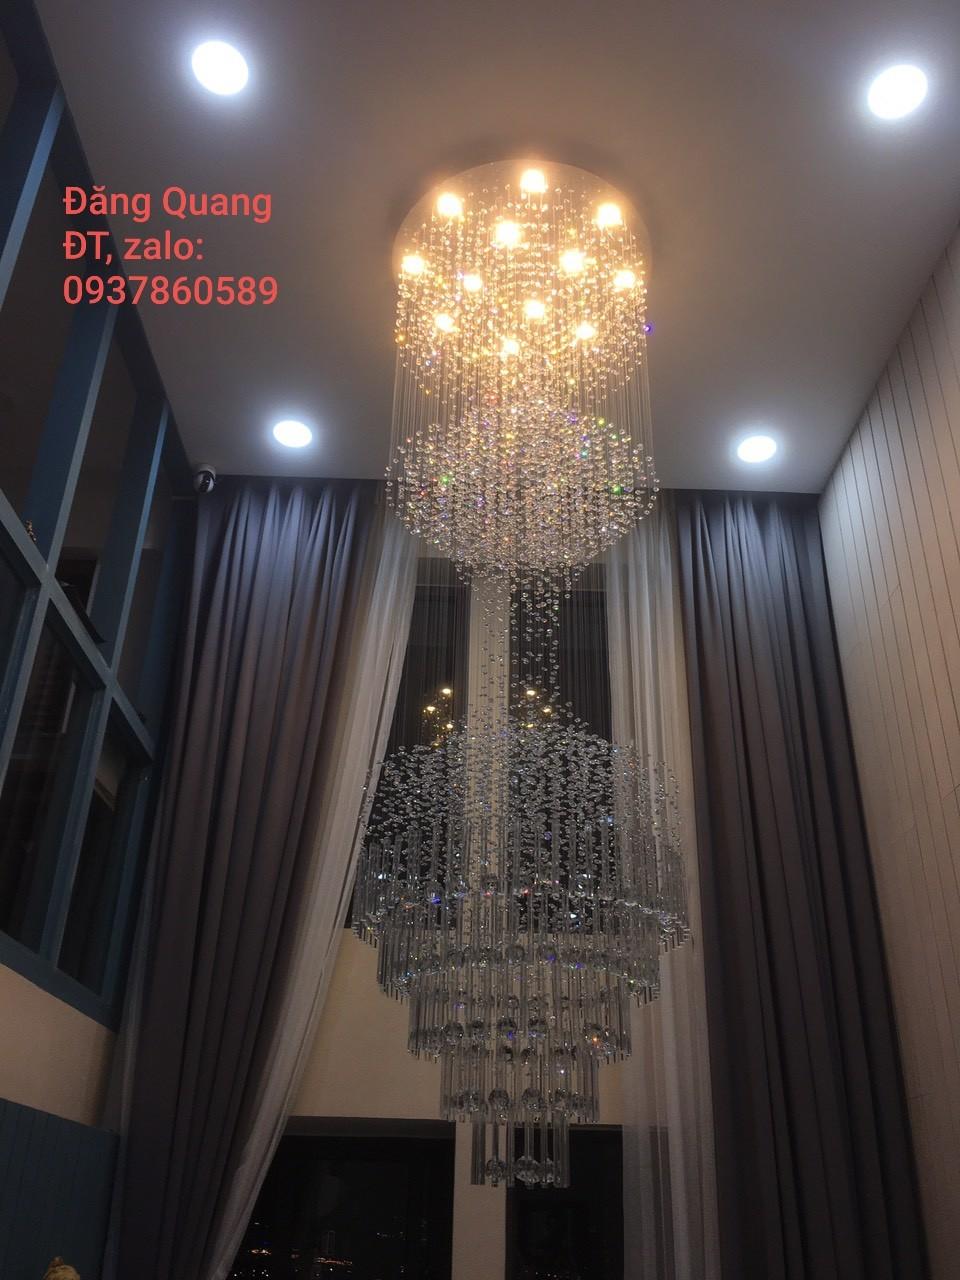 den tha pha le FT 6882 12 2 - 10 mẫu đèn đẹp hiện đại thả phòng khách giành cho năm 2020